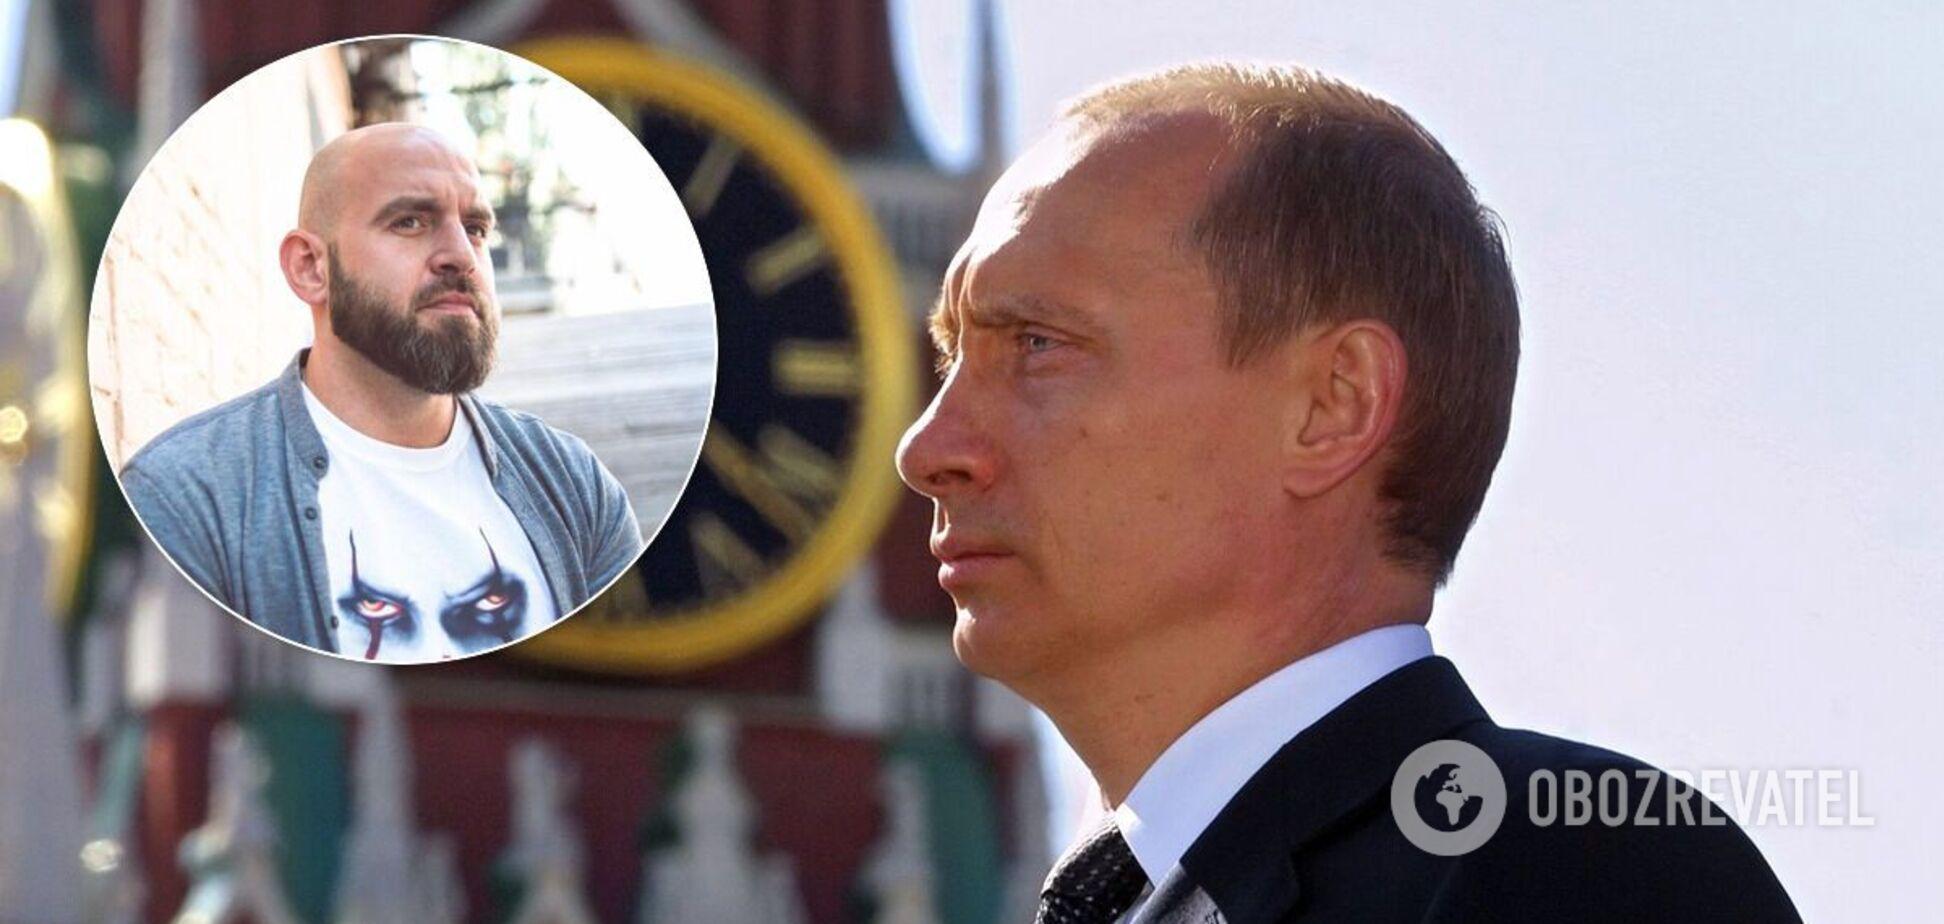 Путин использовал оккупацию как мясорубку для несогласных